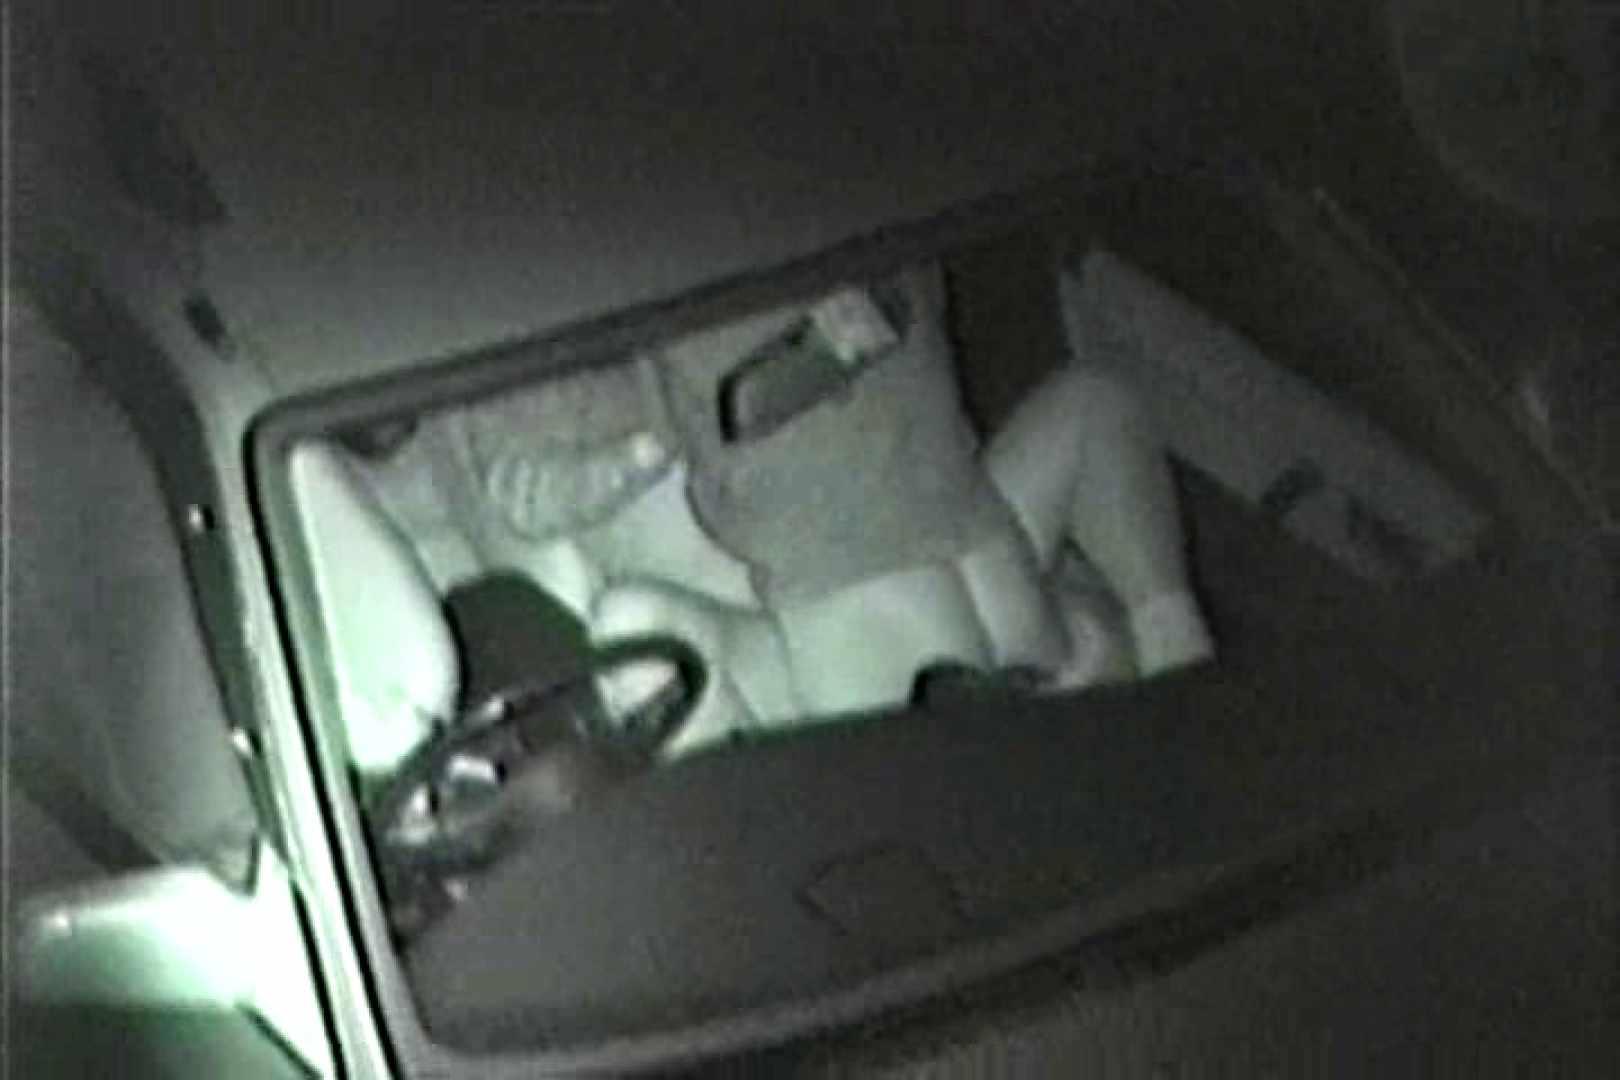 車の中はラブホテル 無修正版  Vol.7 カーセックス 盗撮ヌード画像 96連発 30